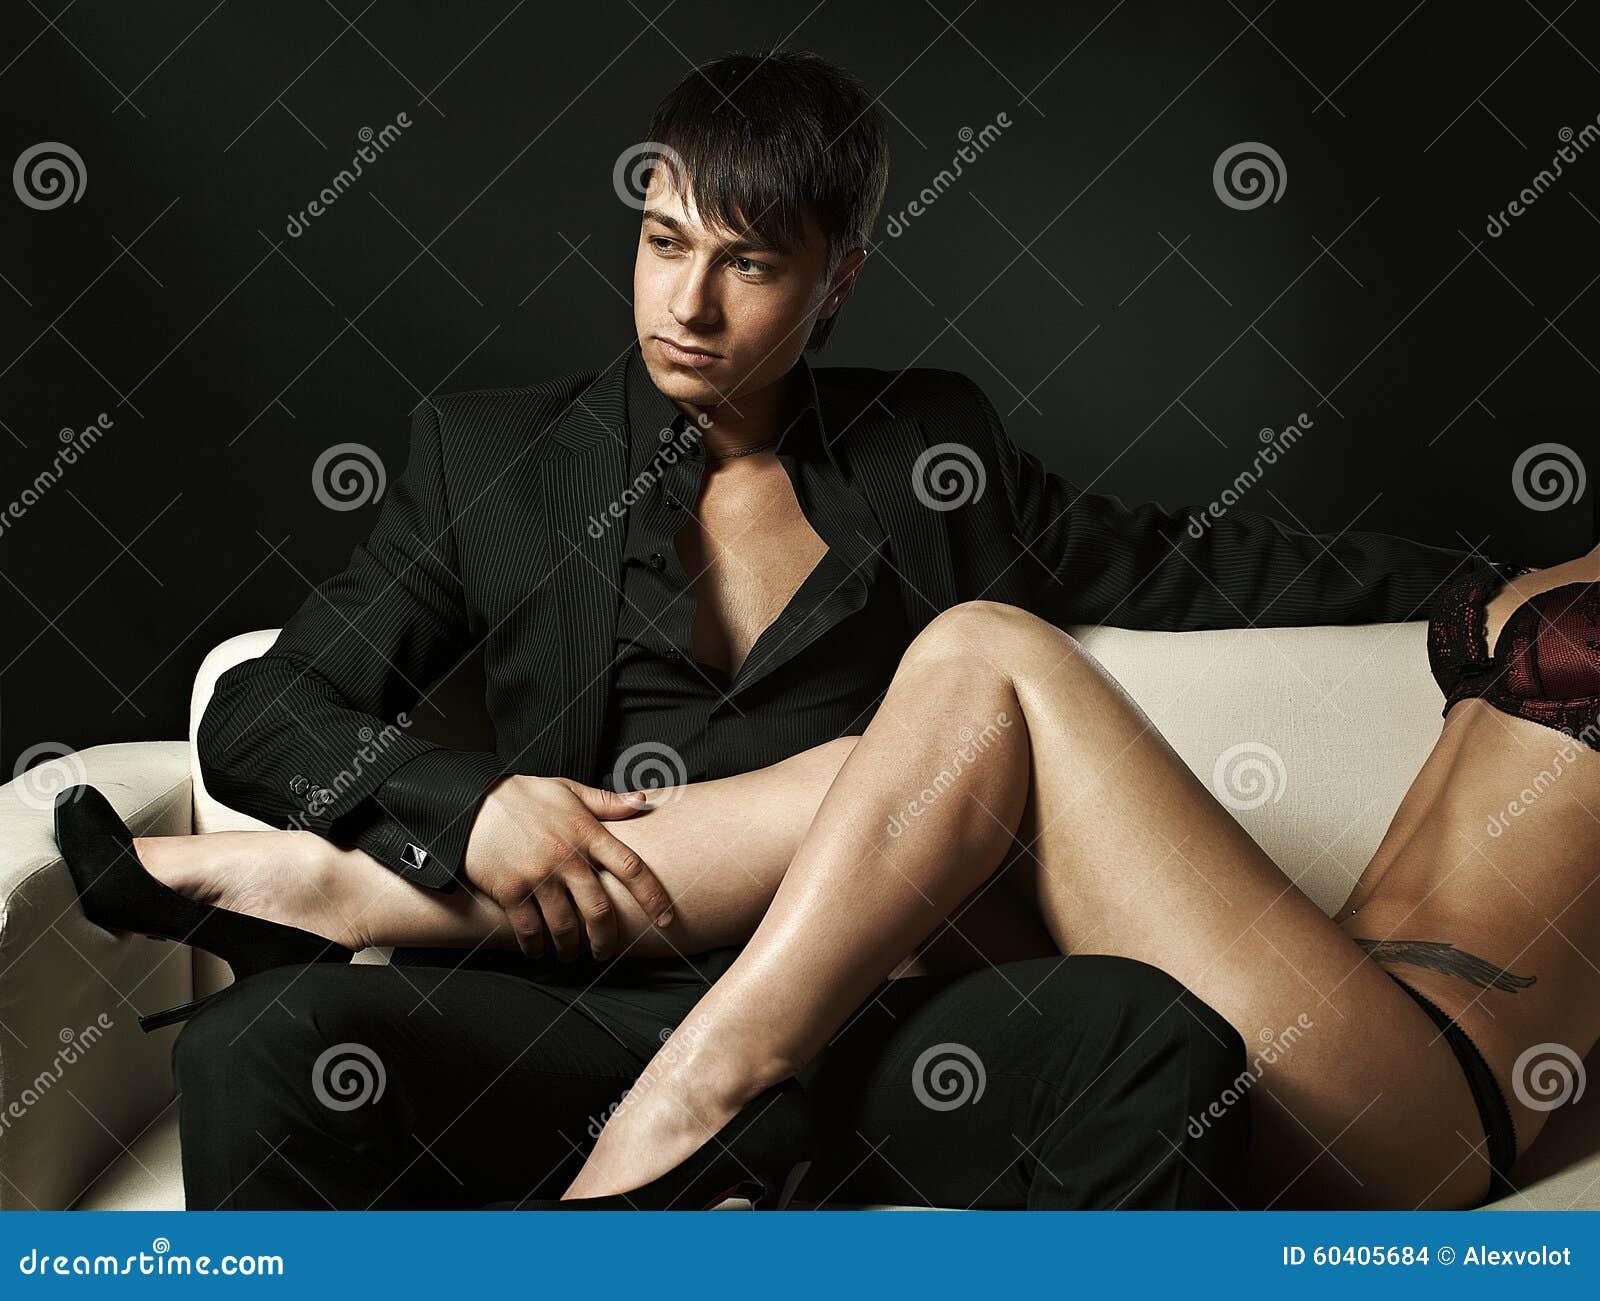 Young men sexy leg photos